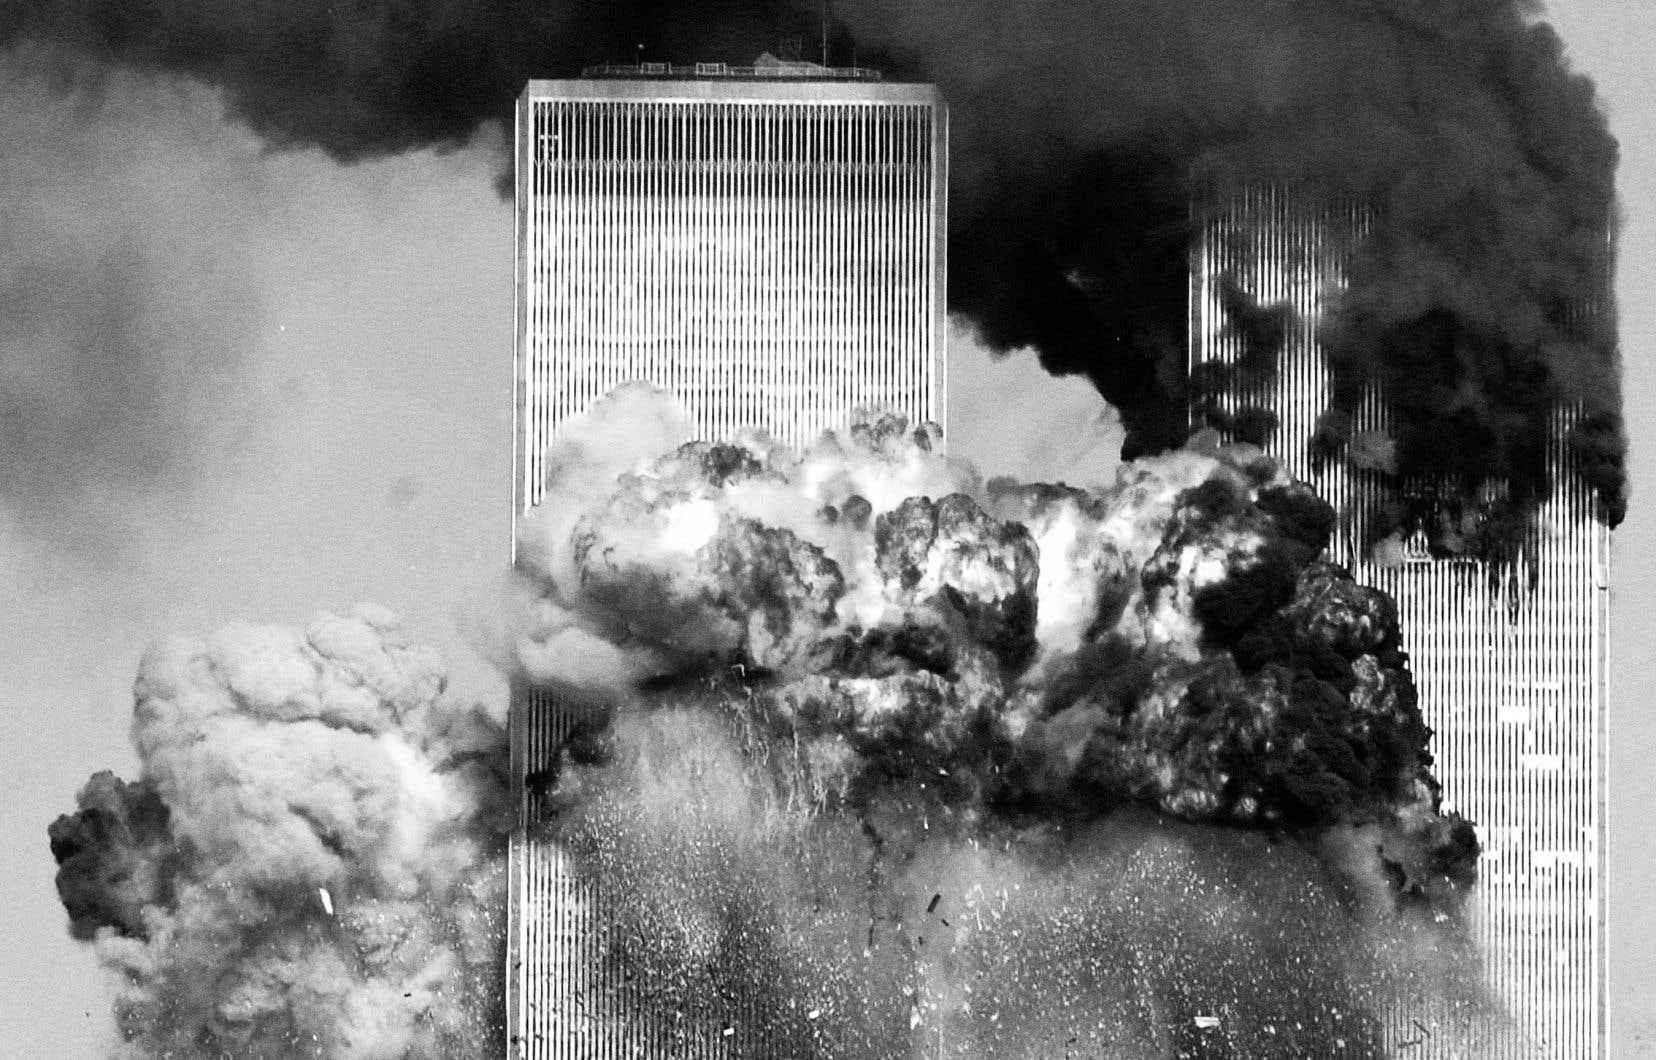 Les préparatifs allaient bon train pour les commémorations de cette tragédie qui, il y a 20ans, a meurtri profondément une ville et brisé des milliers de destins.